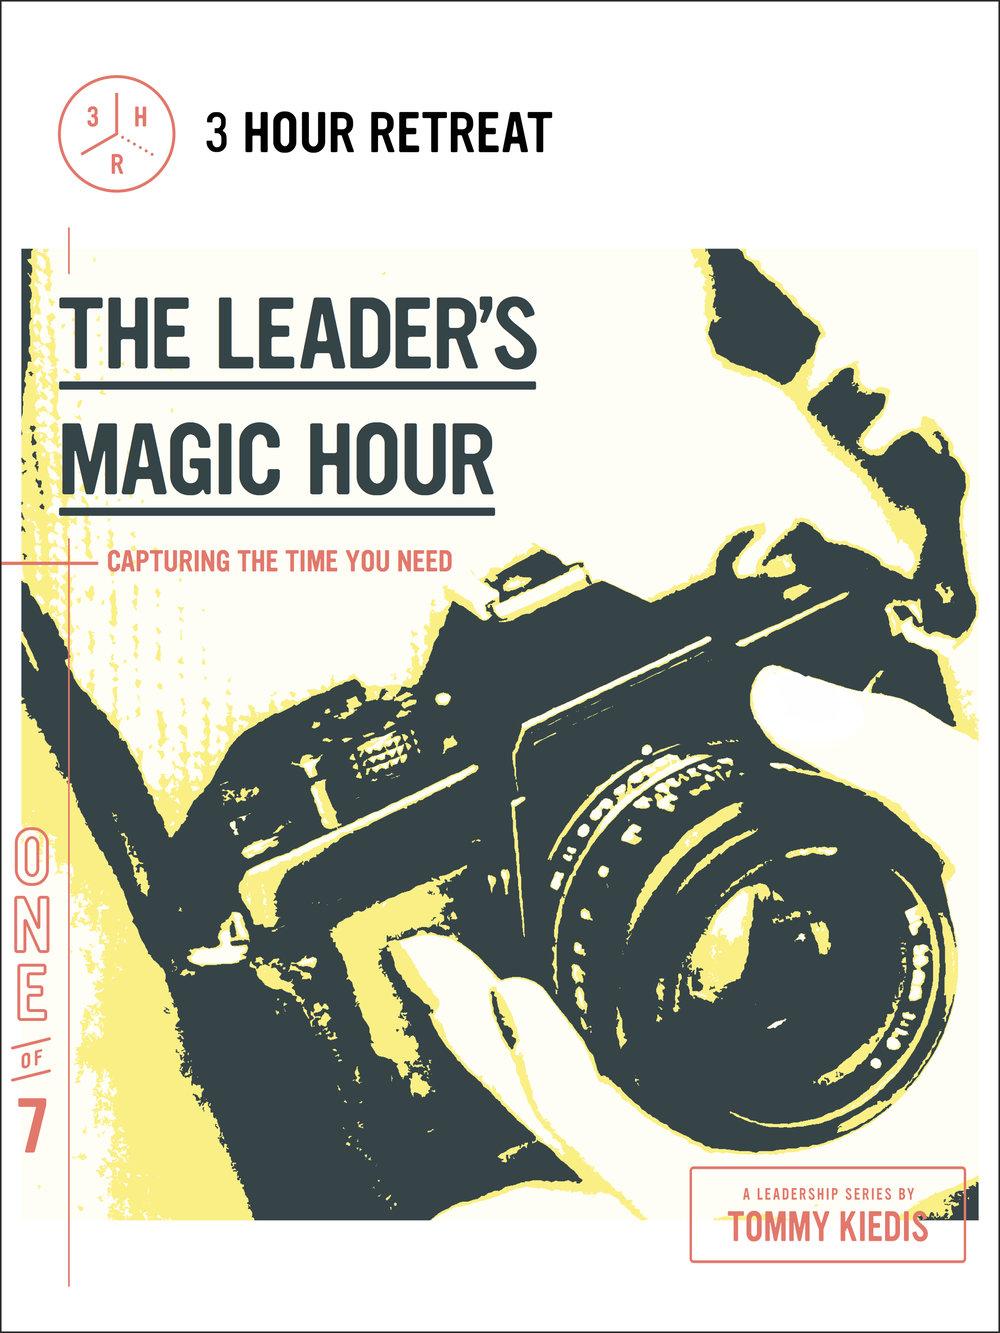 3 Hour Retreat - Magic Hour COVER v3.jpg